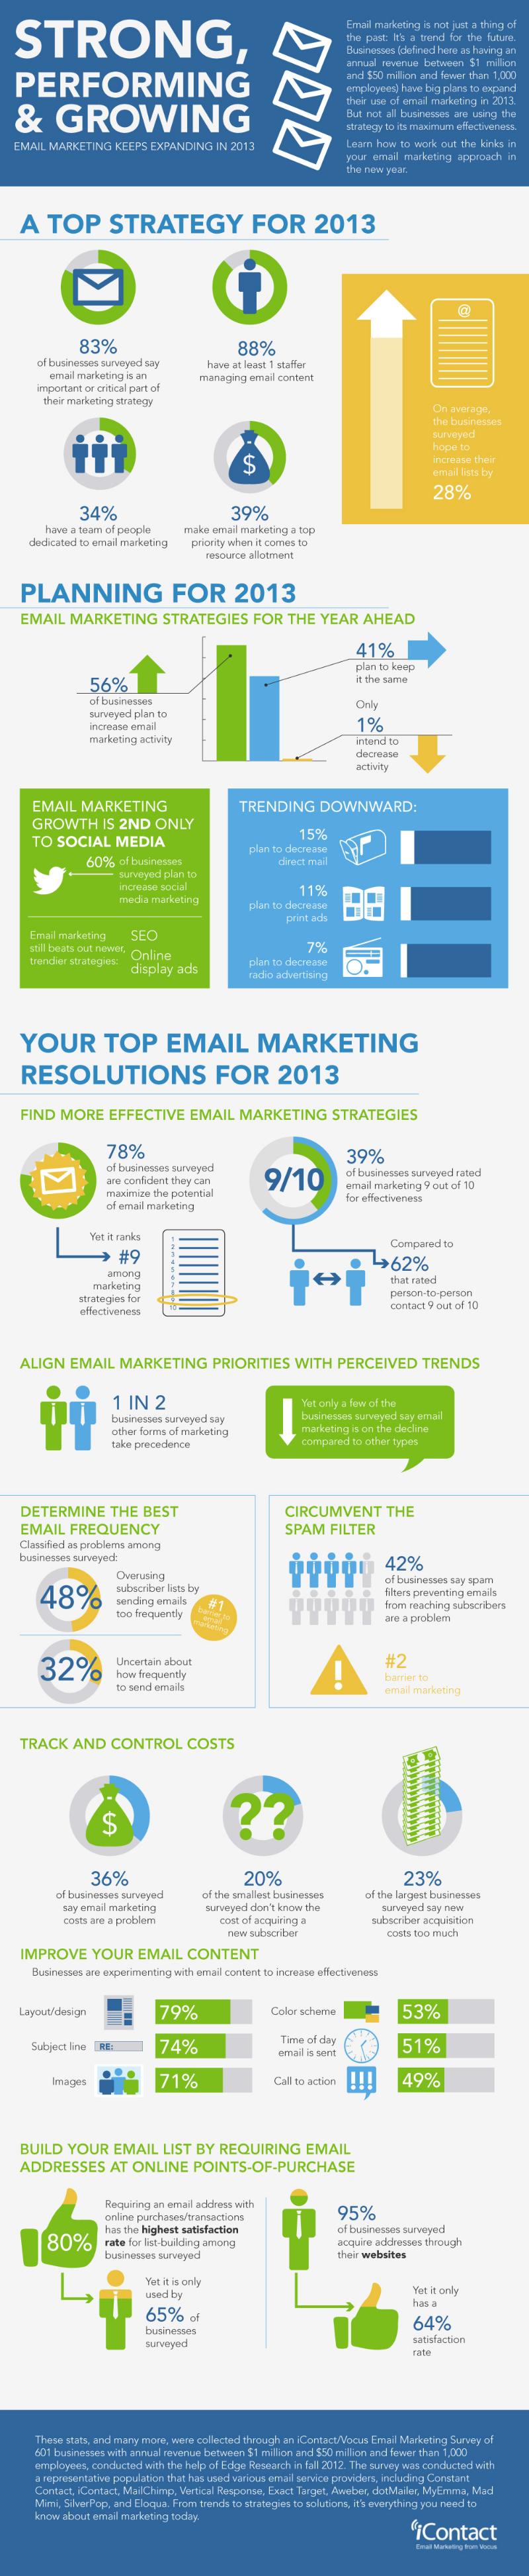 B2B-Email-Marketing-Statistics